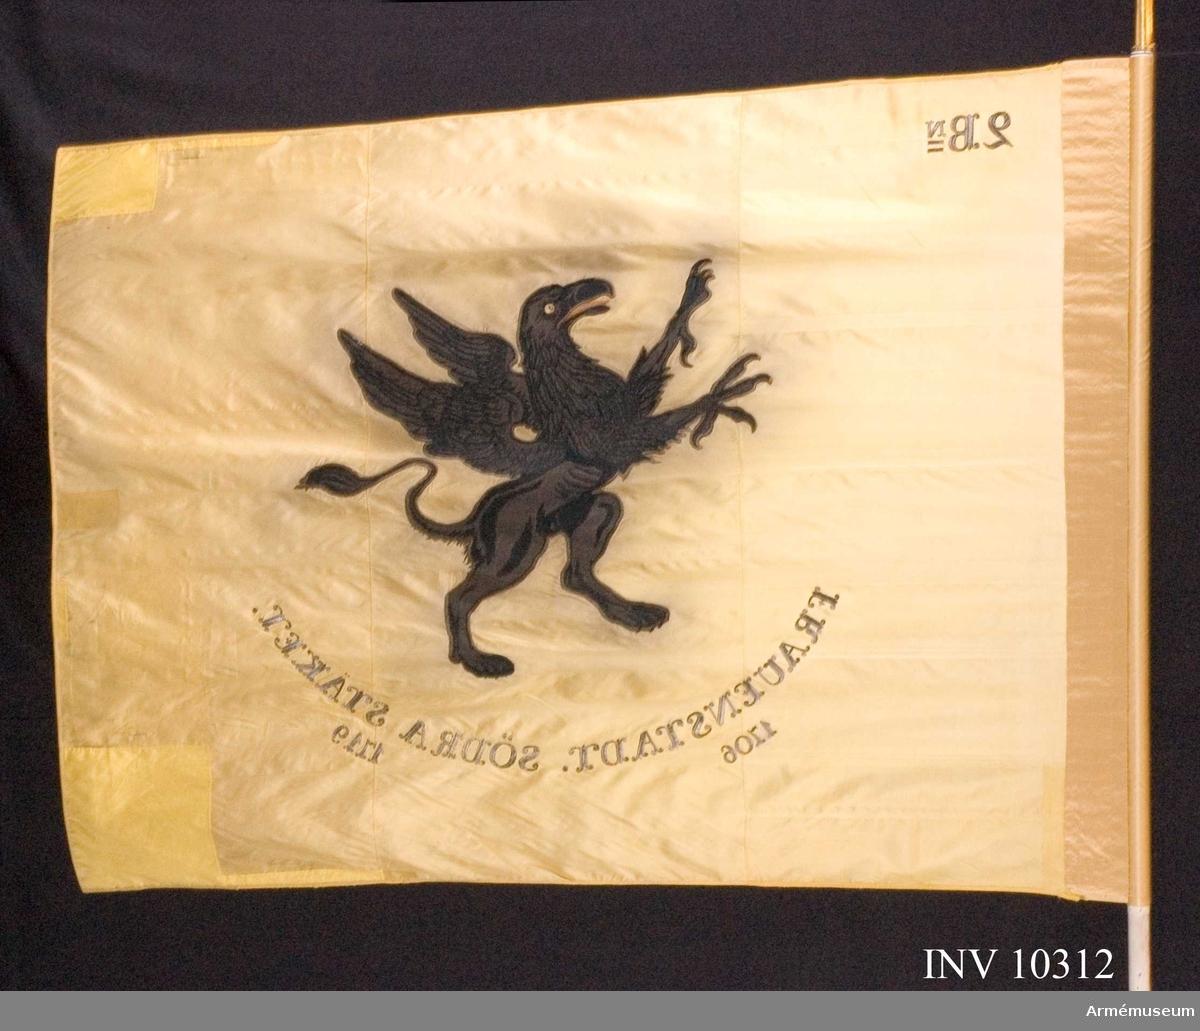 Grupp B I.  Gul duk. Svart grip med röd tunga. I övre vänstra hörnet 2 Bn. segernamn: Frauenstadt 1706 och södra Stäket 1719. Fanan tilldelad regementet av Oscar I den 23 juni 1850 på Ladugårdsgärde i Stockholm.   Samhörande är fana, spets, kravatt. Fanan är konserverad. Den svarta griopan har släppt färg (blött) och missfärgat duken omkring. Fanan är bandkantad. Doppskon är skavd, bucklig och sprucken, stången är smutsig och skavd efter användning.